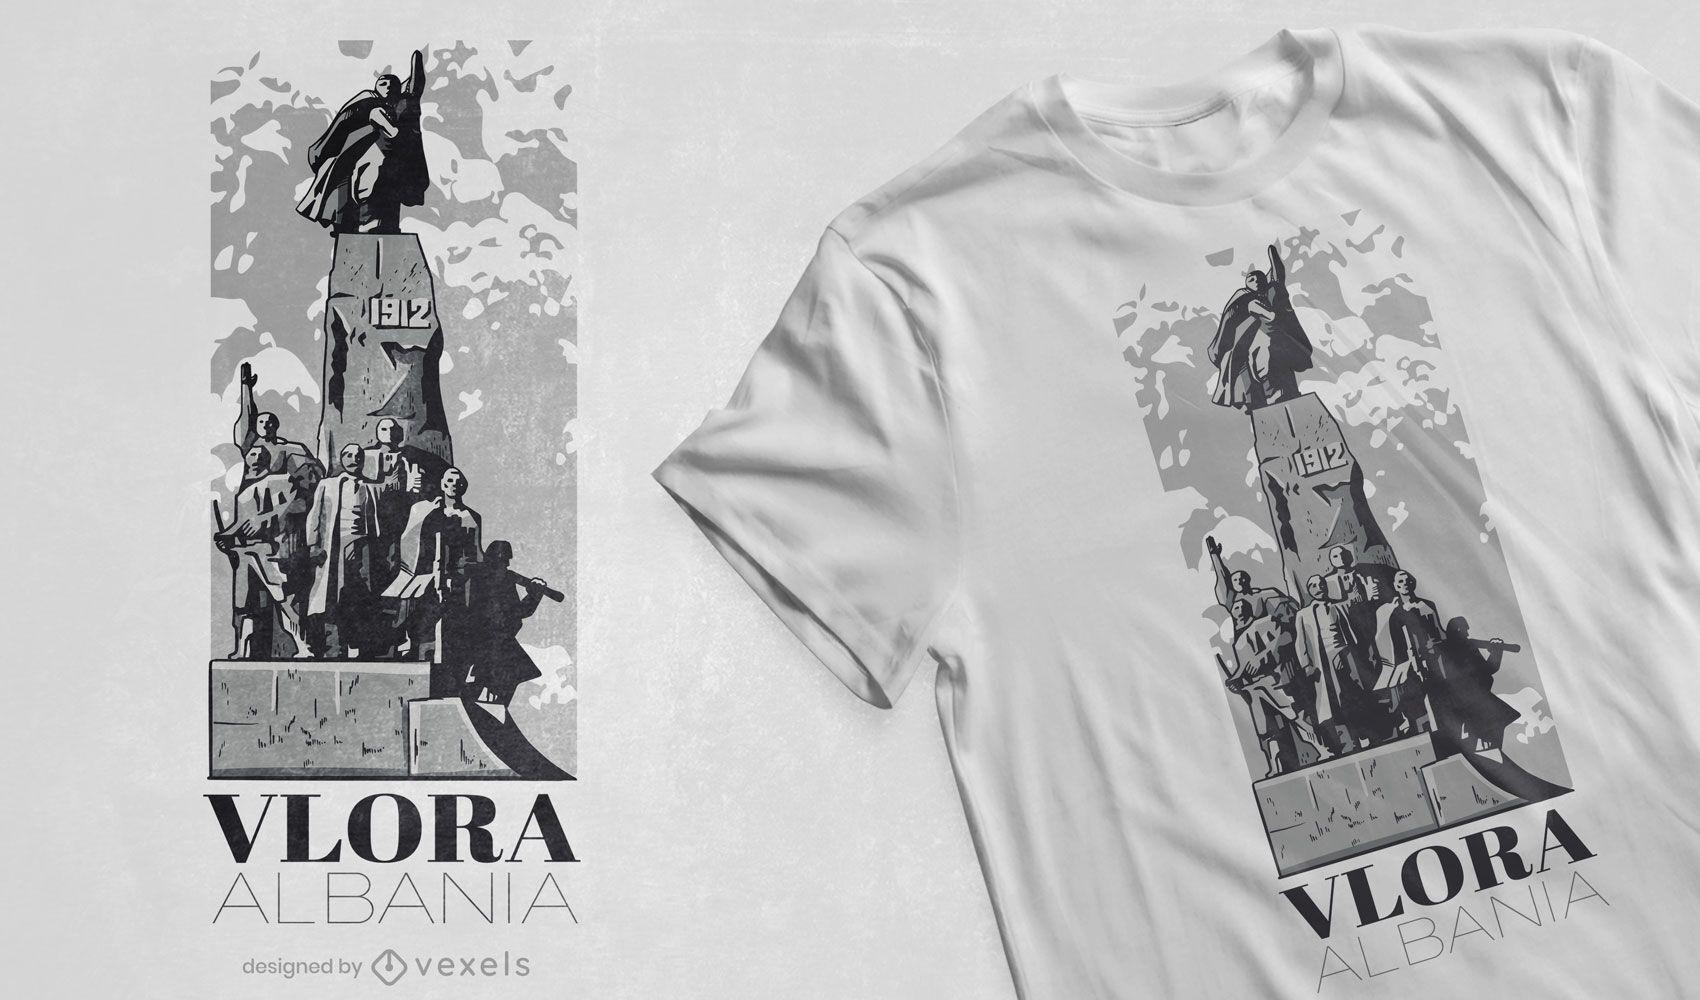 Monument Albania statue t-shirt design